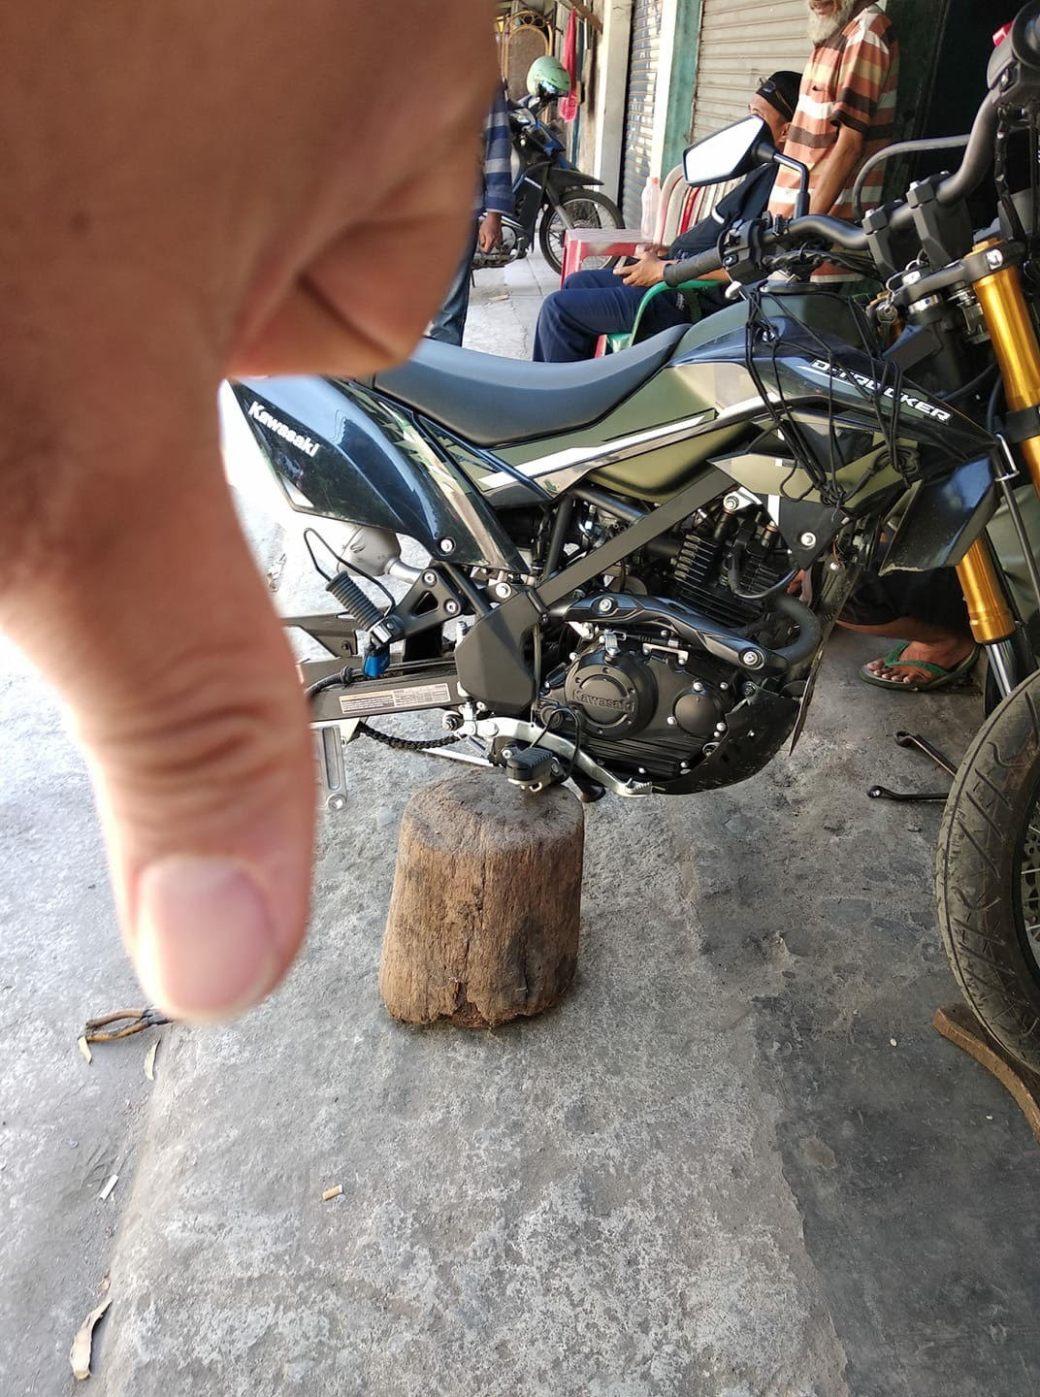 Kecewa dengan Pelayanan Kawasaki